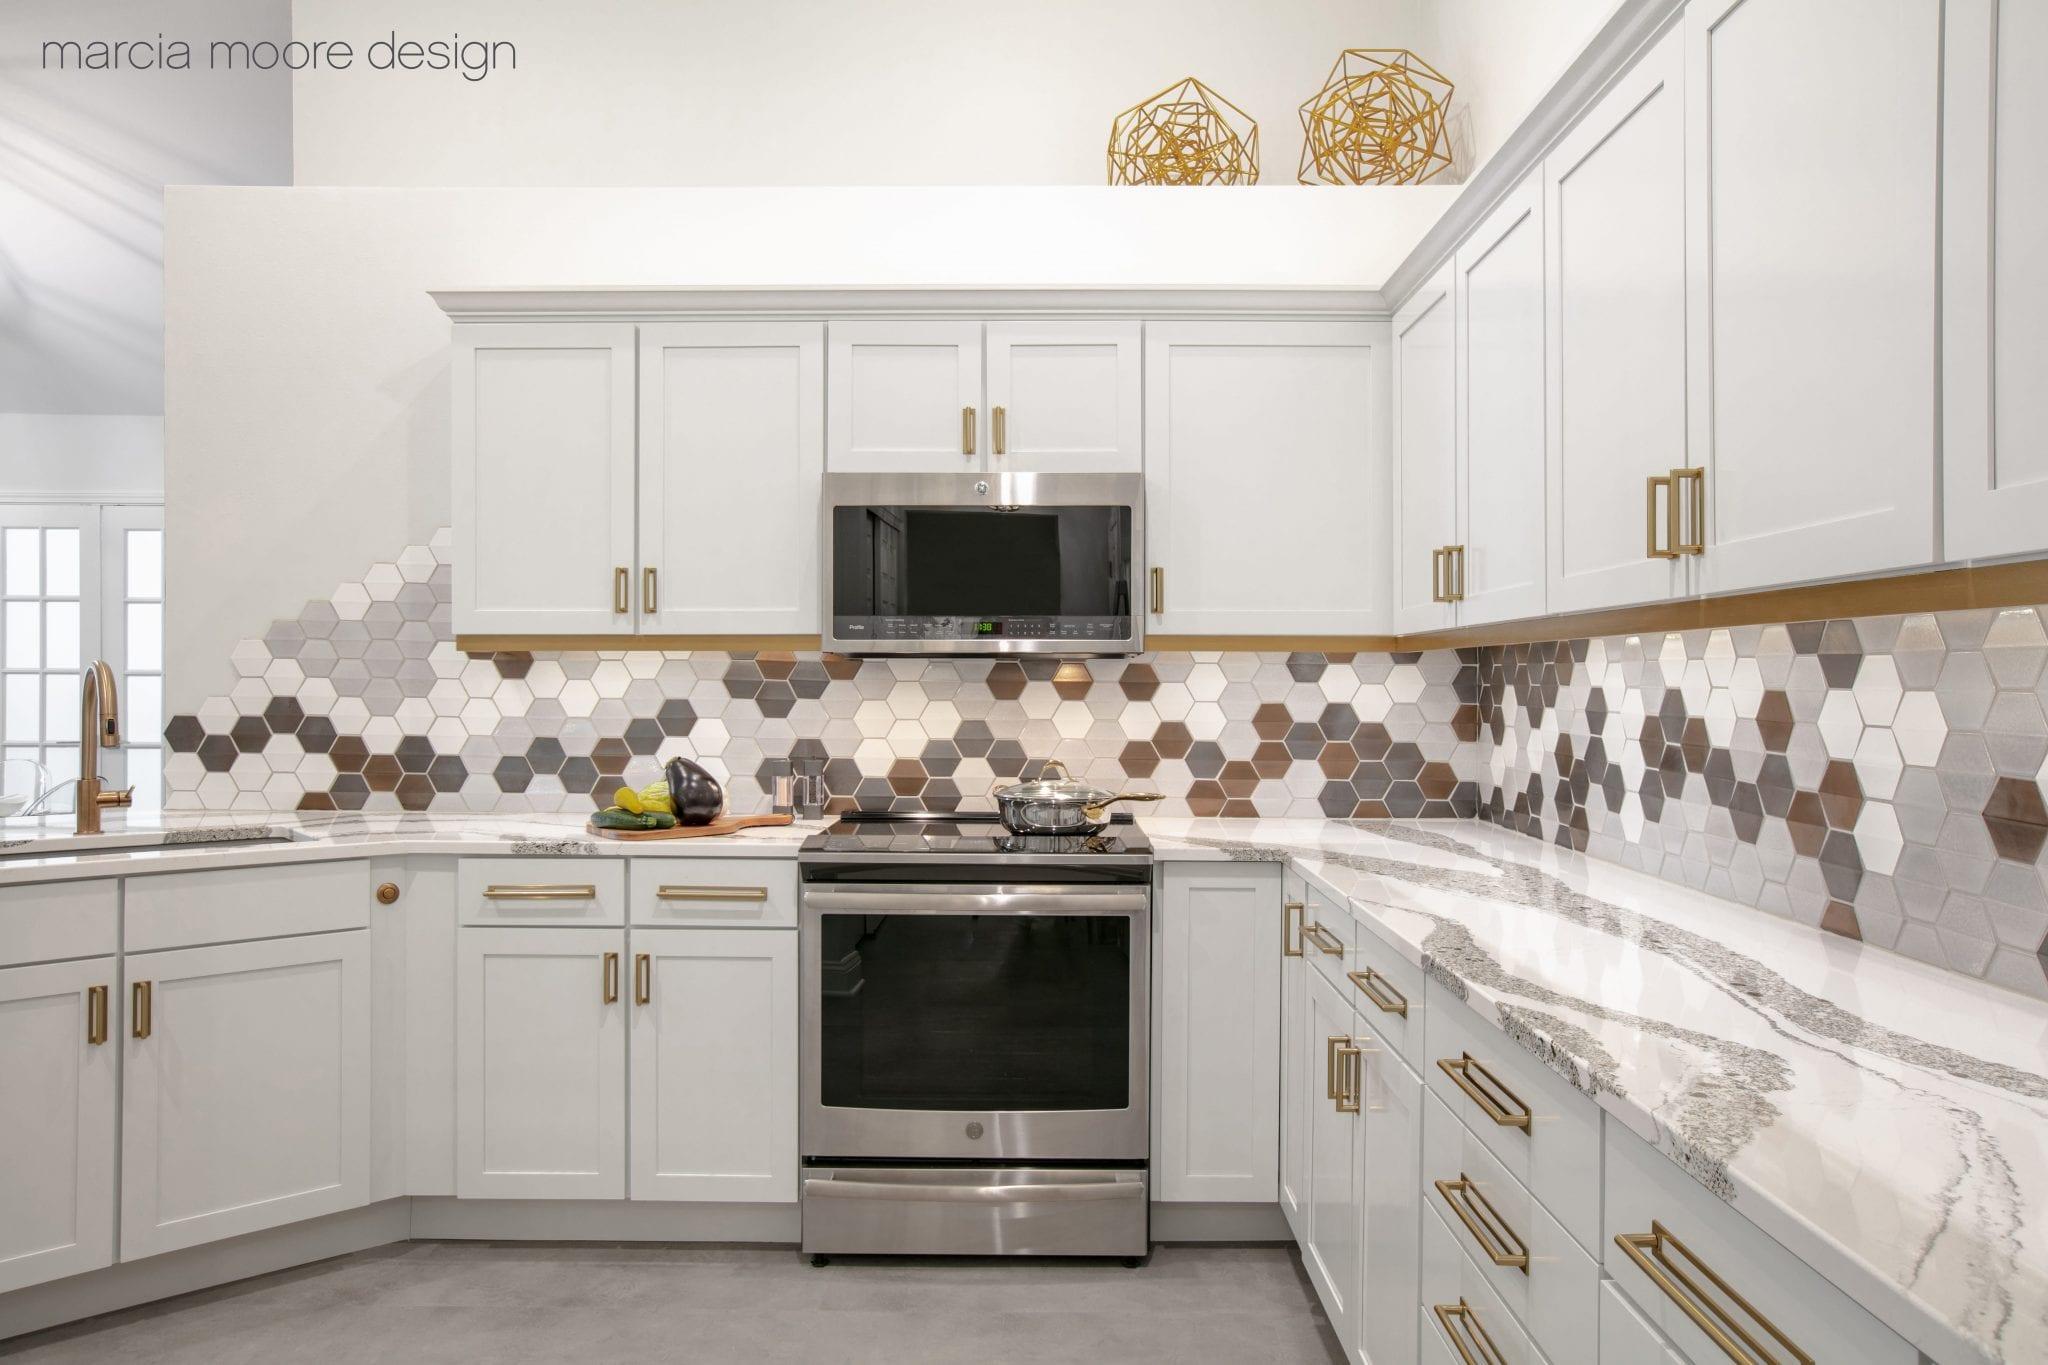 Empty white wooden modular kitchen